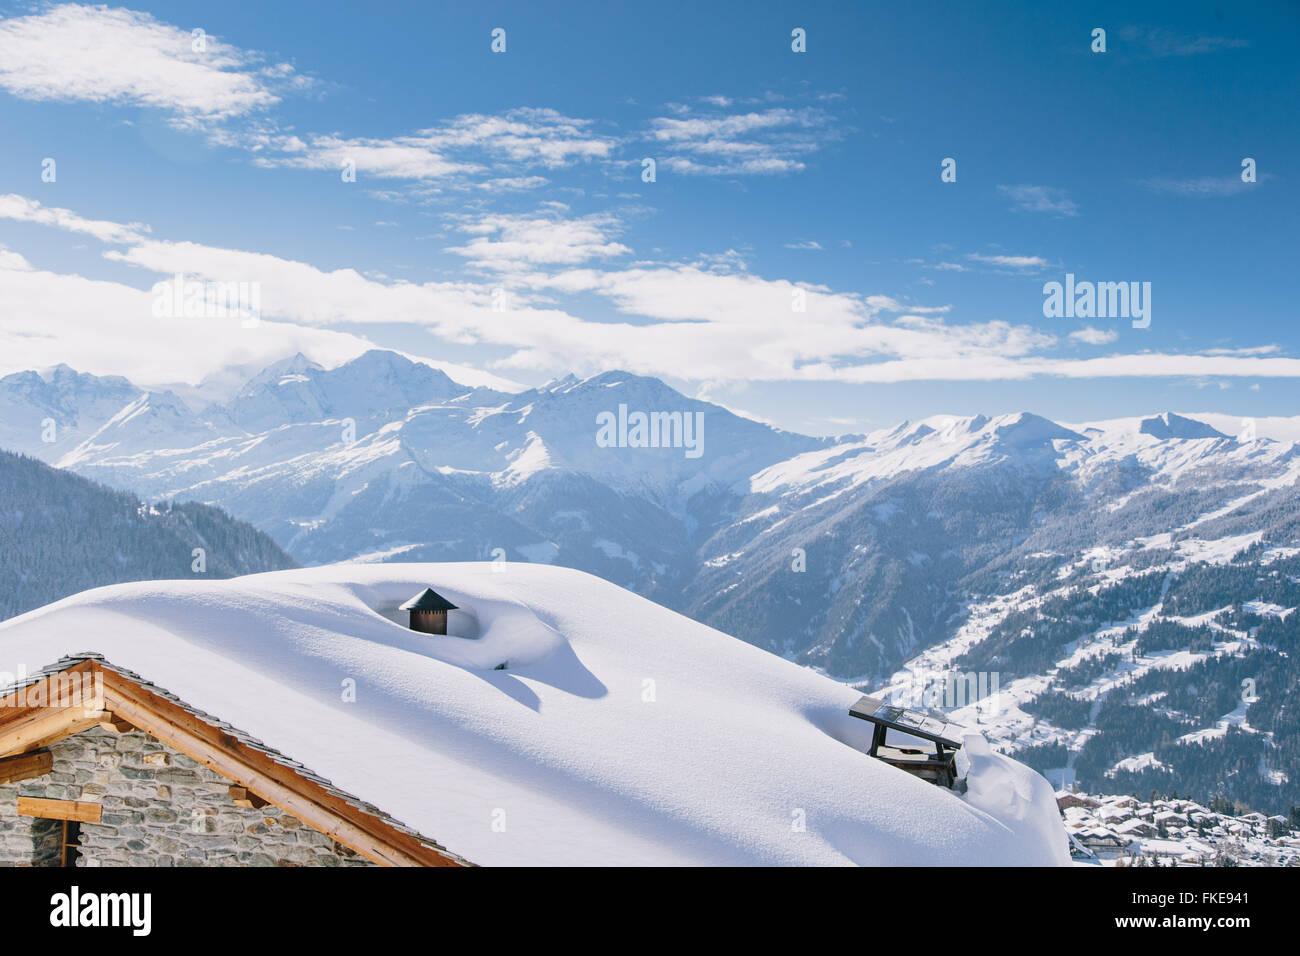 Ein Blick auf das Schweizer Skigebiet Verbier. Stockbild